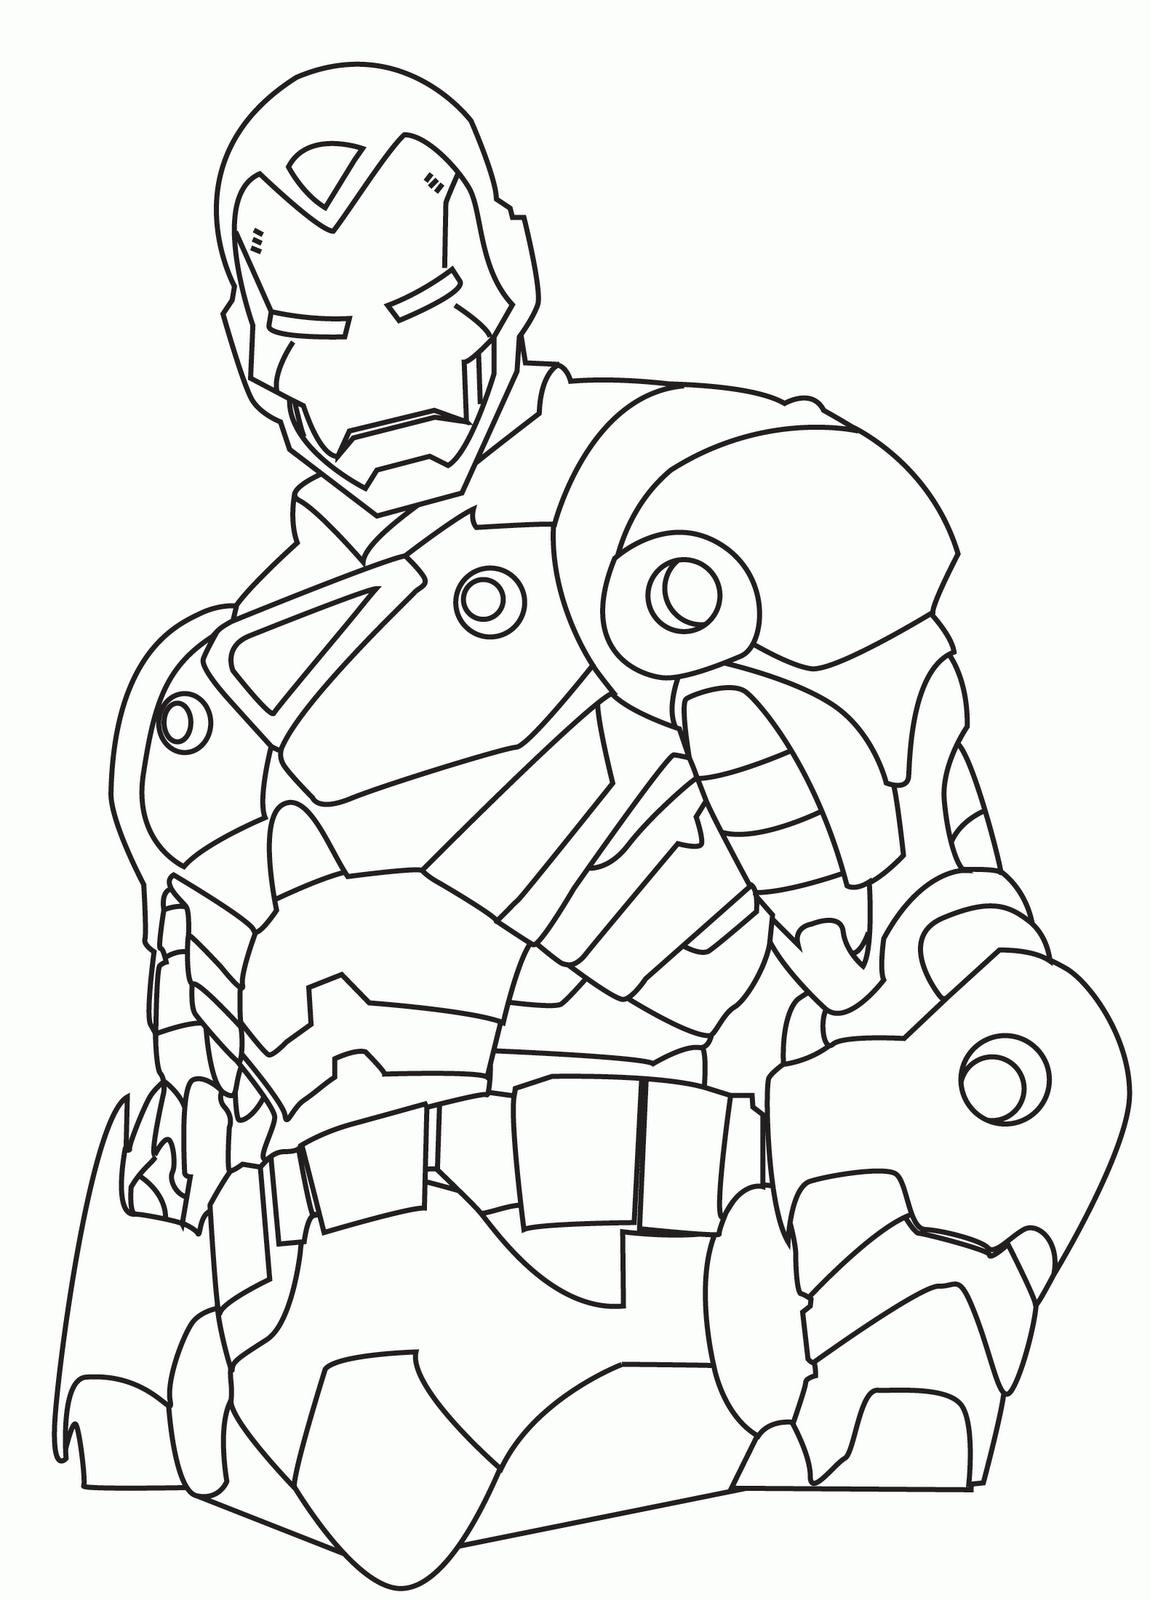 Os vingadores desenhos para colorir pintar e imprimir for Ironman printable coloring pages